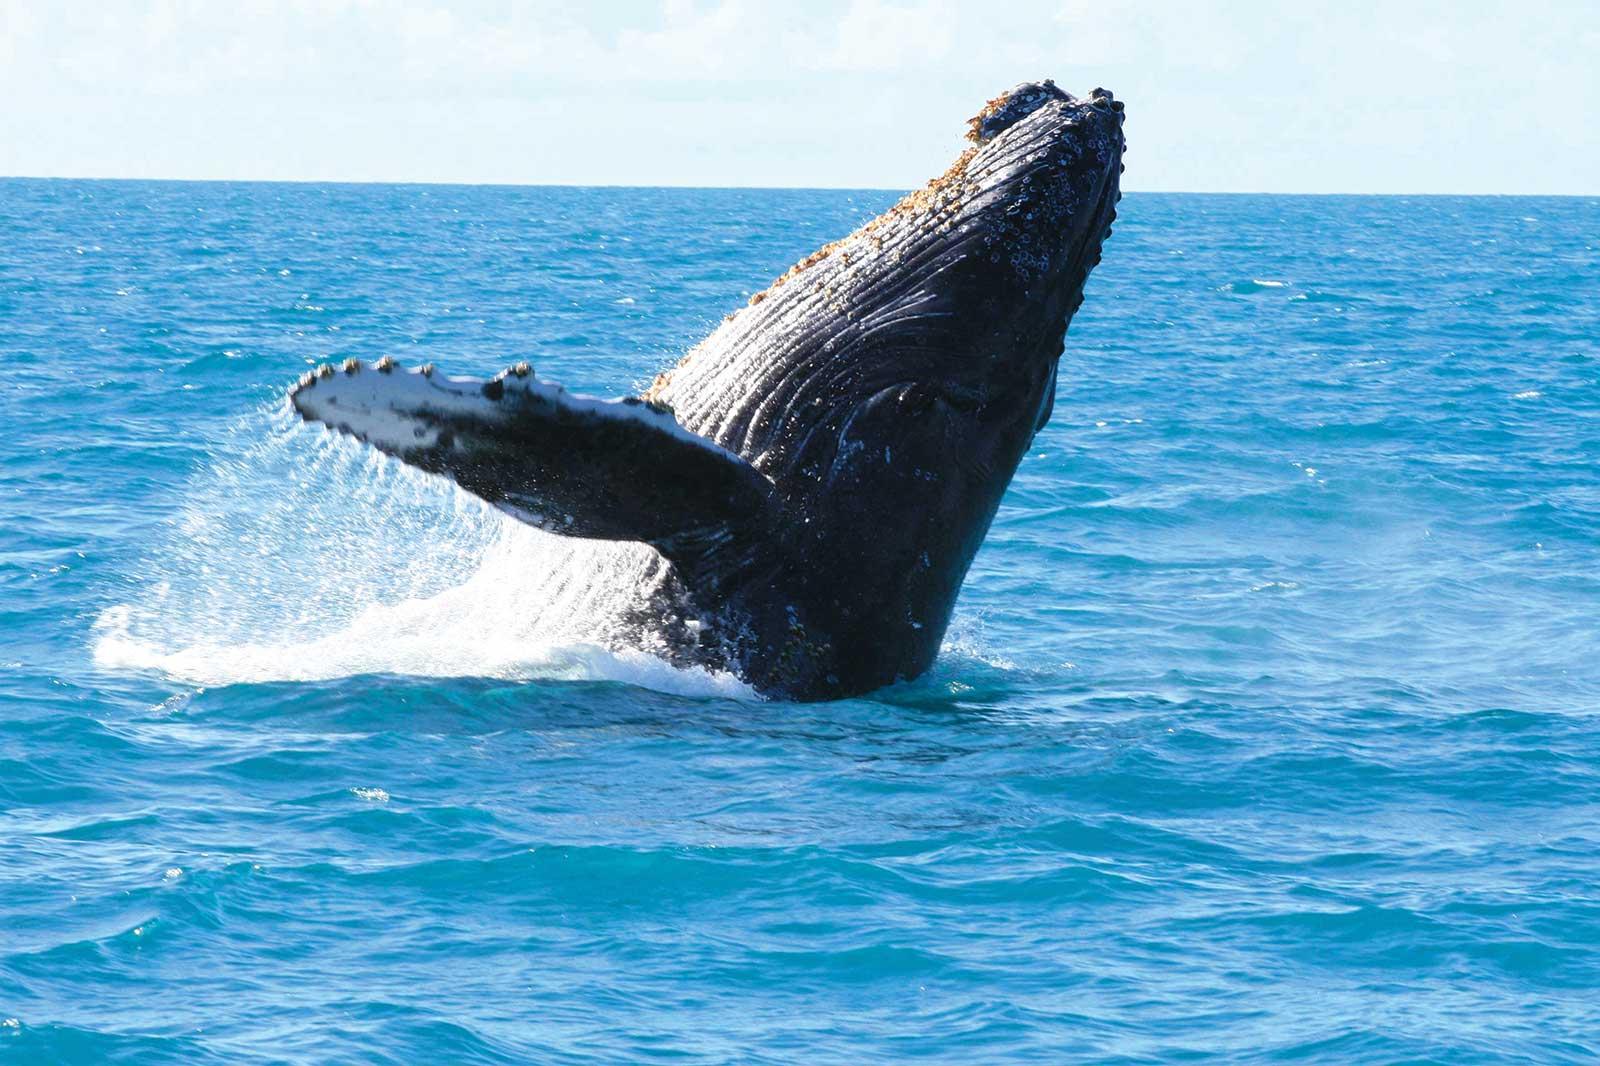 Observer les baleines et les dauphins dans leur habitat naturel accompagné par des experts locaux de juillet à septembre, période de migration de ces cétacés